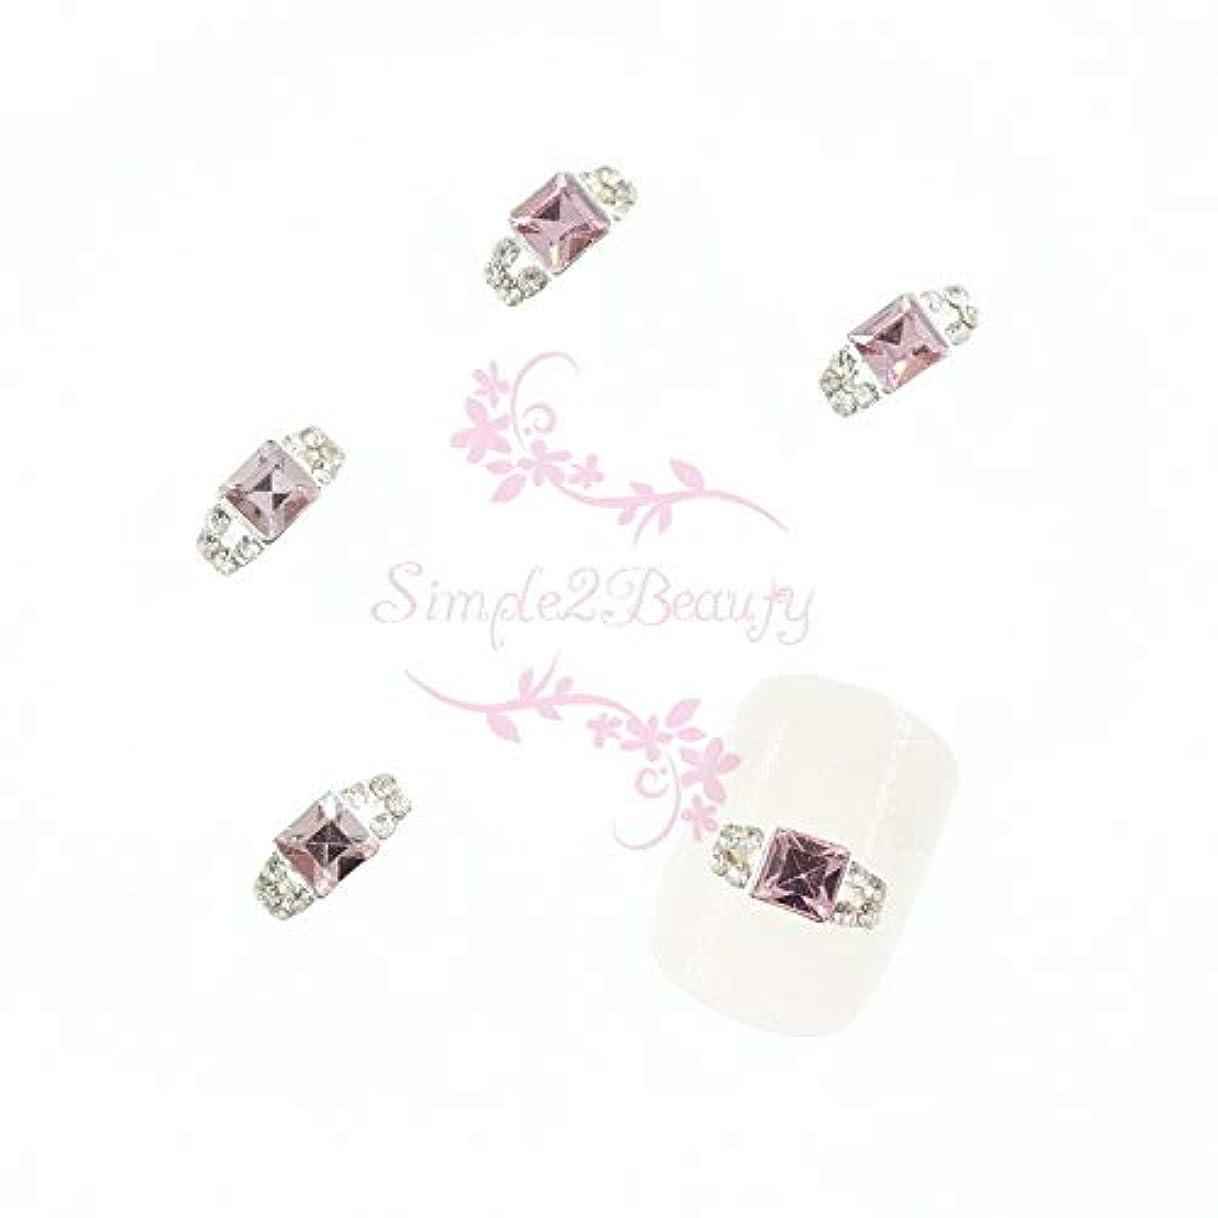 昆虫を見るクールペレットFidgetGear 20クリスタルラインストーンの装飾3Dリングスタイルシルバーメッキ合金チャームネイルアート ピンク